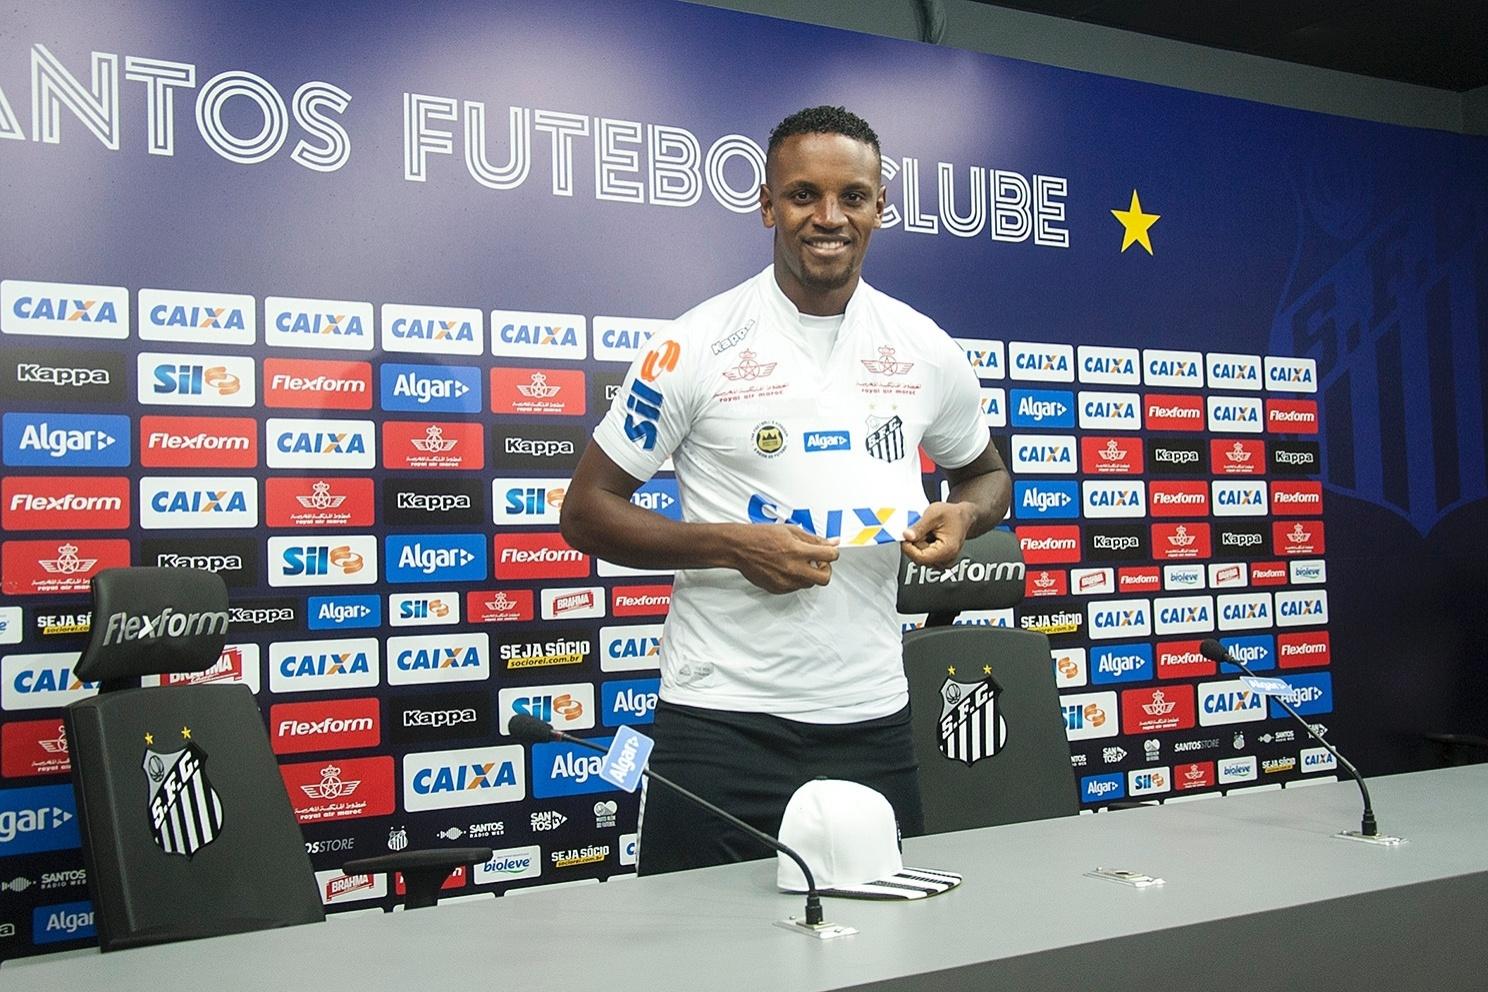 São Paulo e Santos já estão certos sobre Cleber. Só falta zagueiro aceitar  - 31 05 2017 - UOL Esporte 9200daeb03e6a